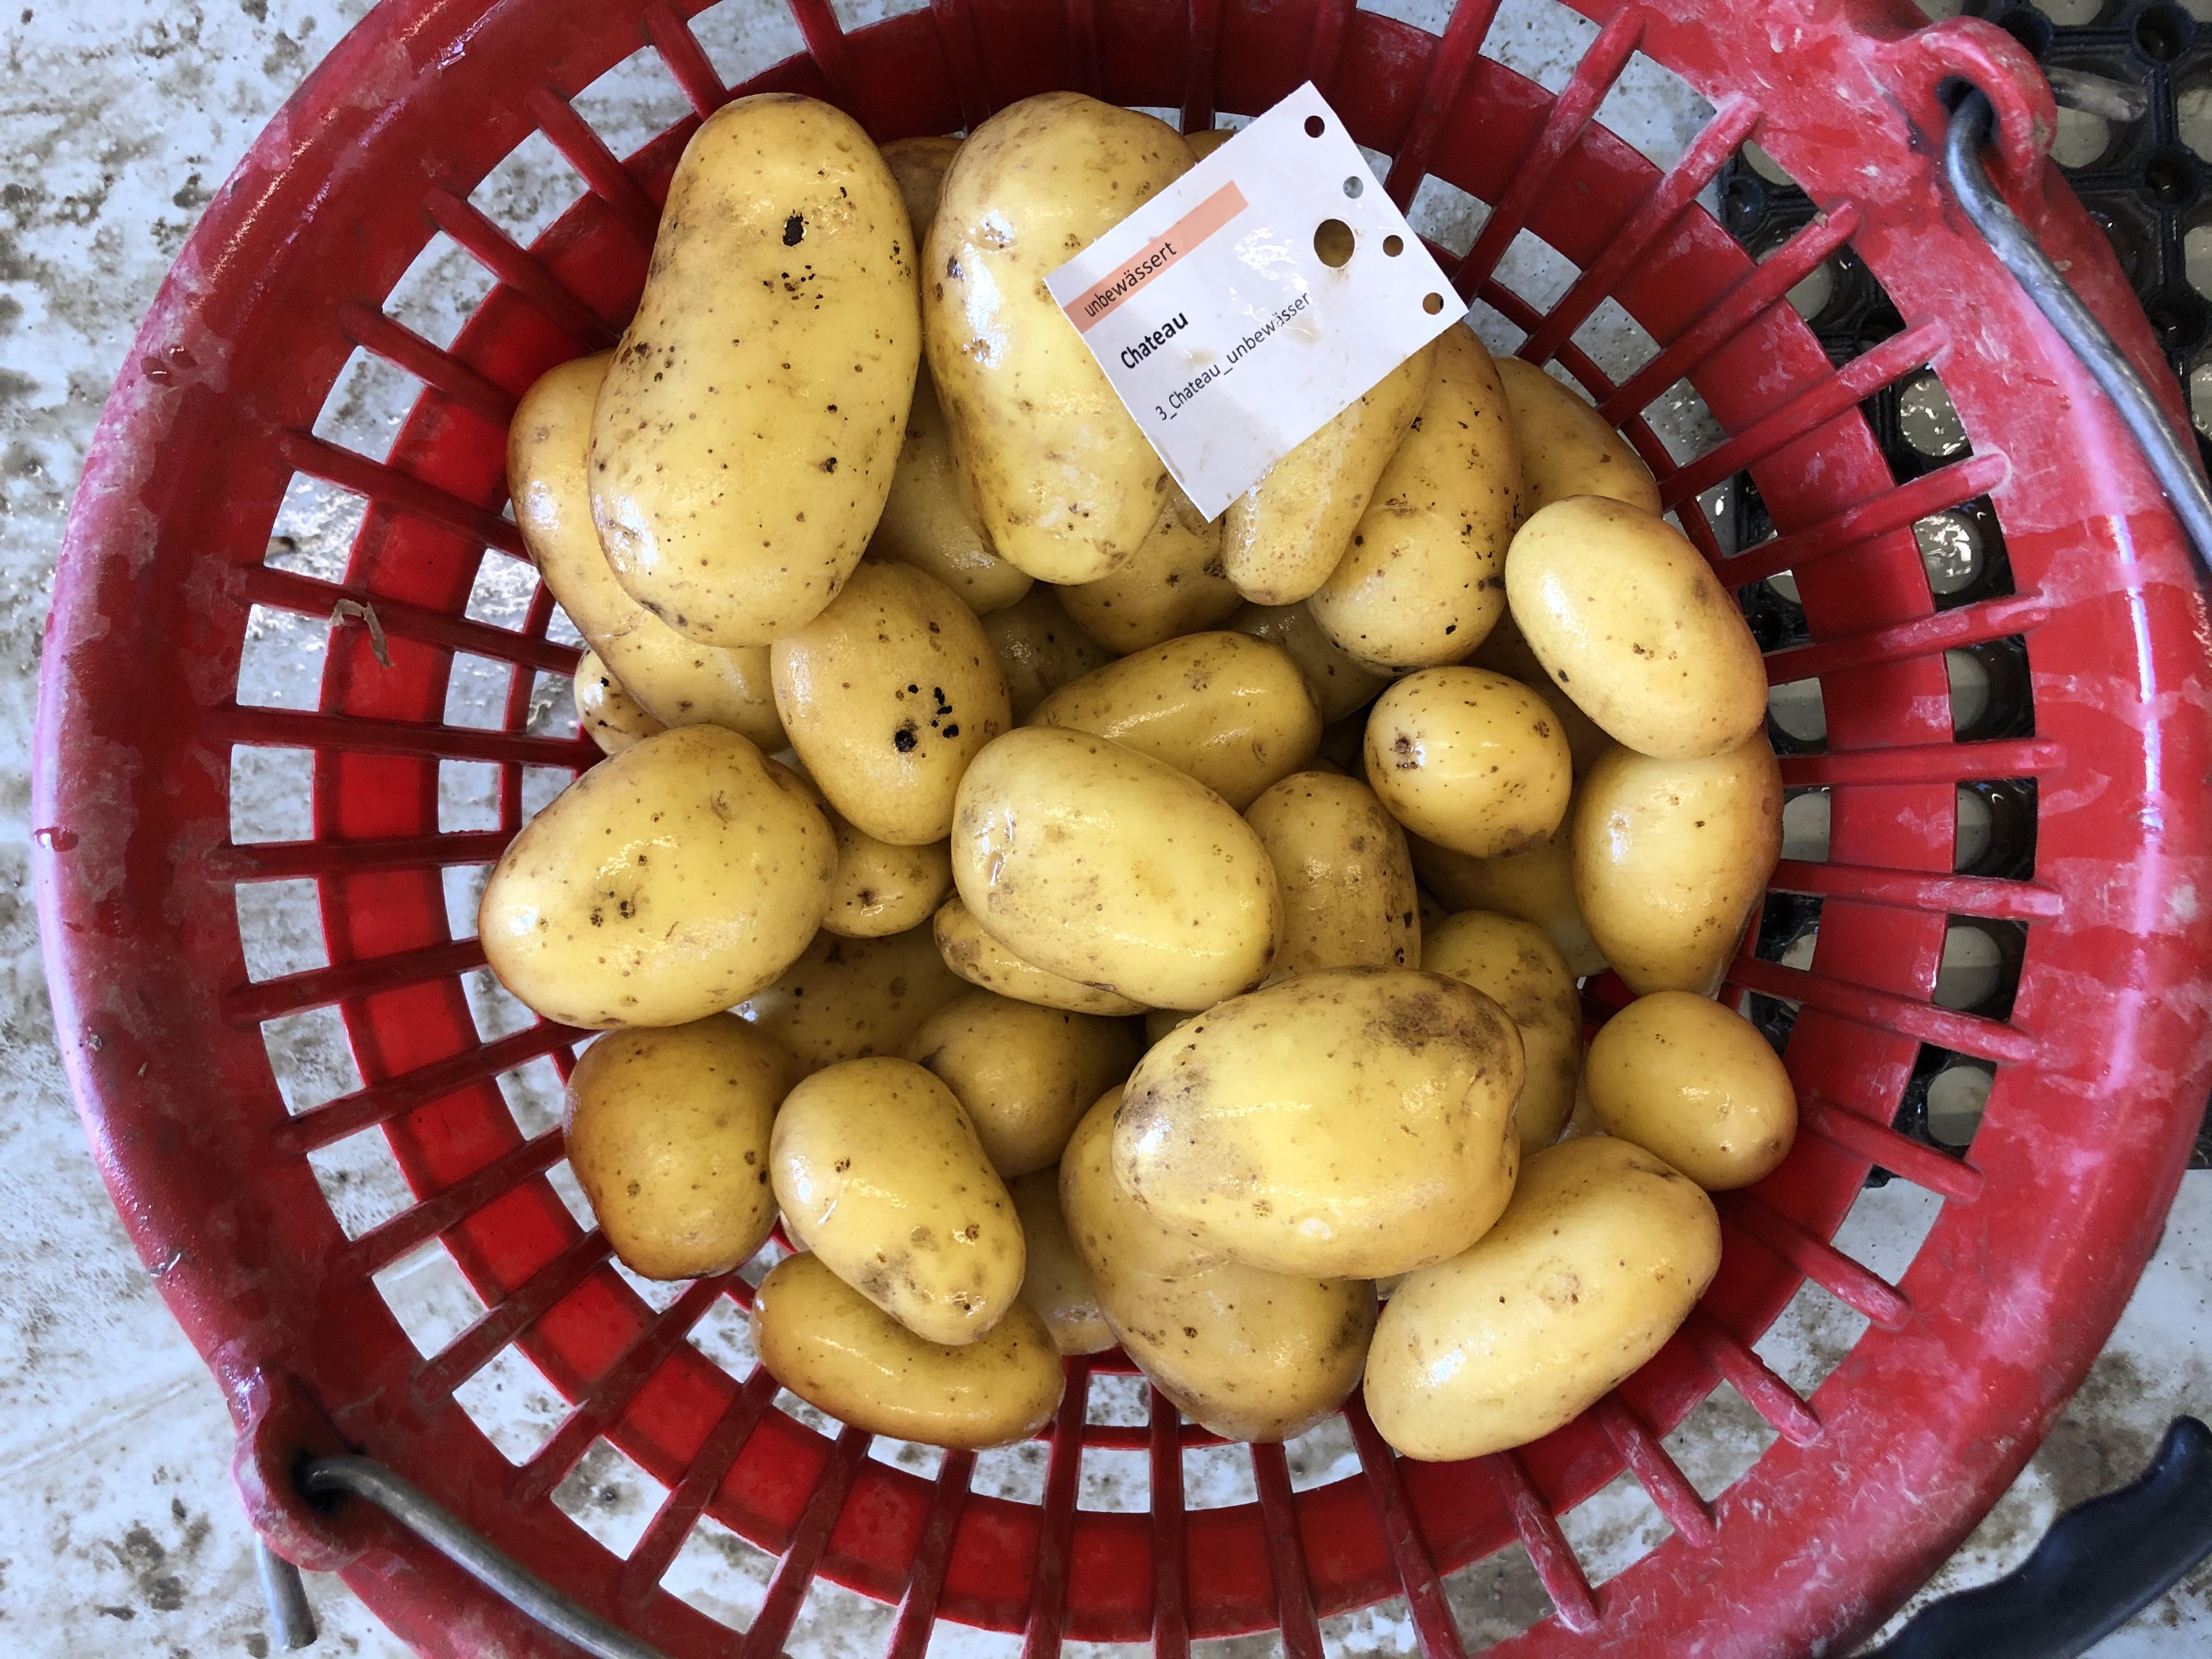 Waschprobe Sorte Chateau, Sortenversuch Kartoffeln Humlikon 2020